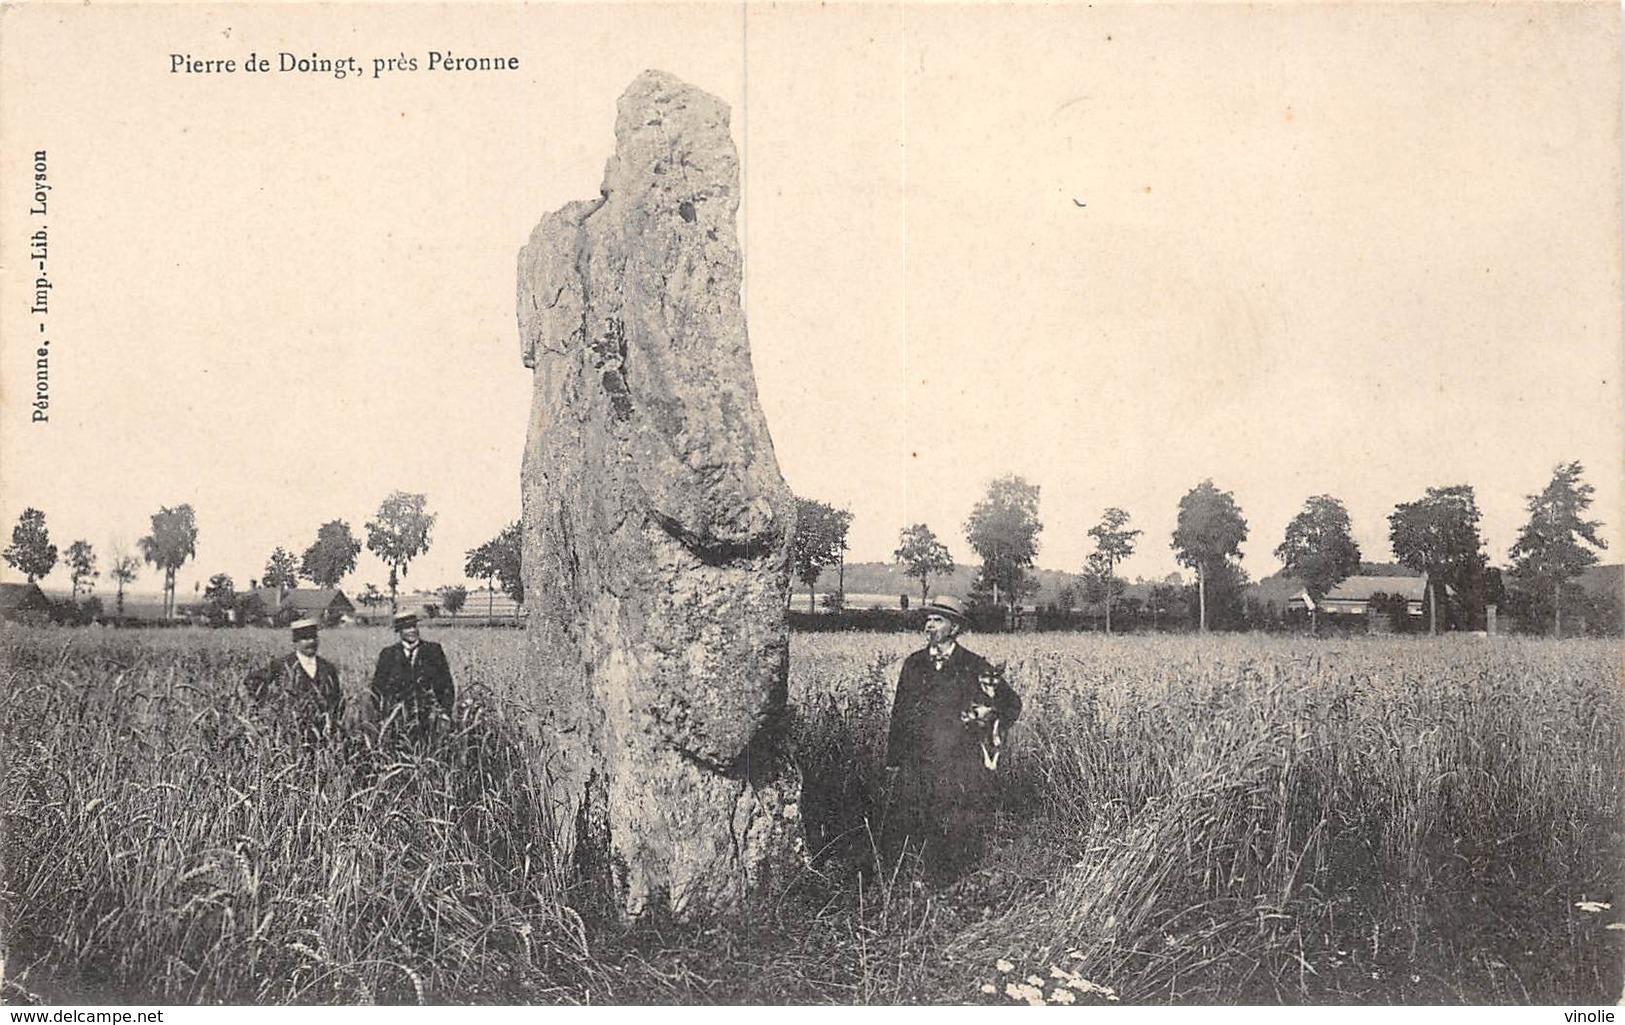 PIE-19-Mo-991 : PIERRE DE DOINGT PRES PERONNE. SOMME. - Dolmen & Menhirs